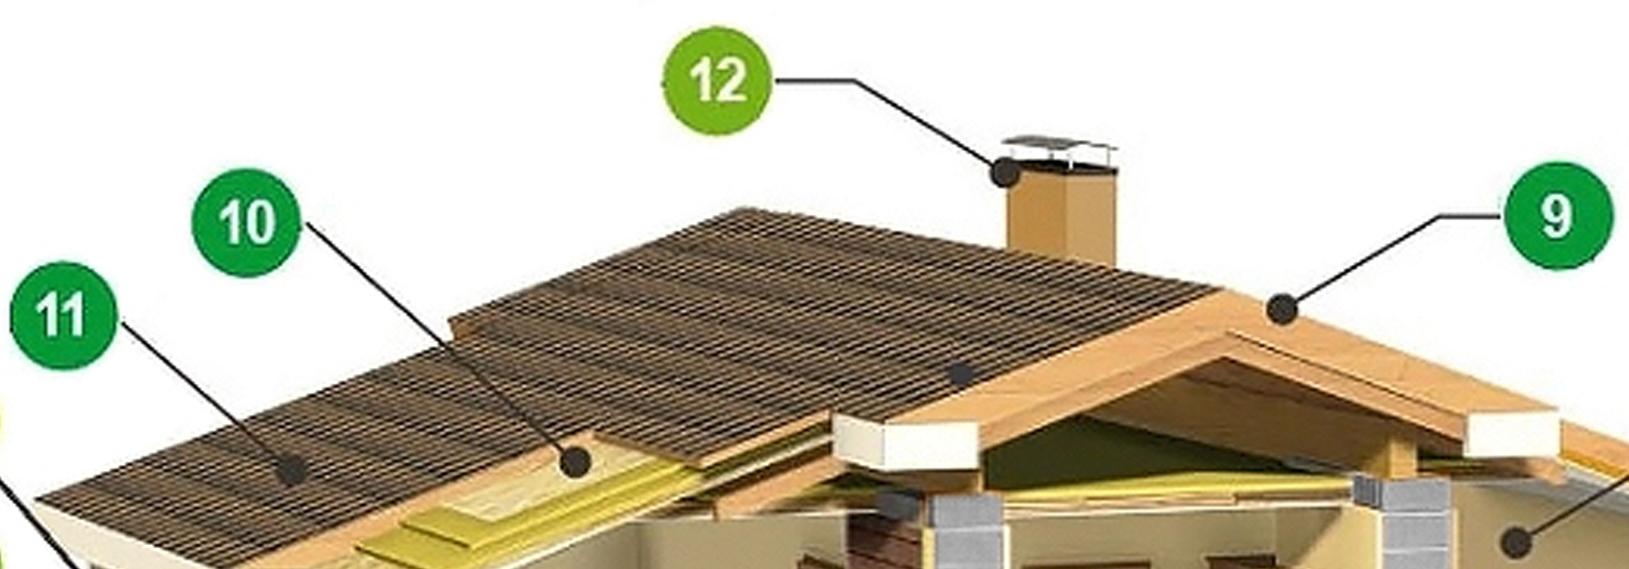 Гидроизоляцию стен изнутри как выполнить